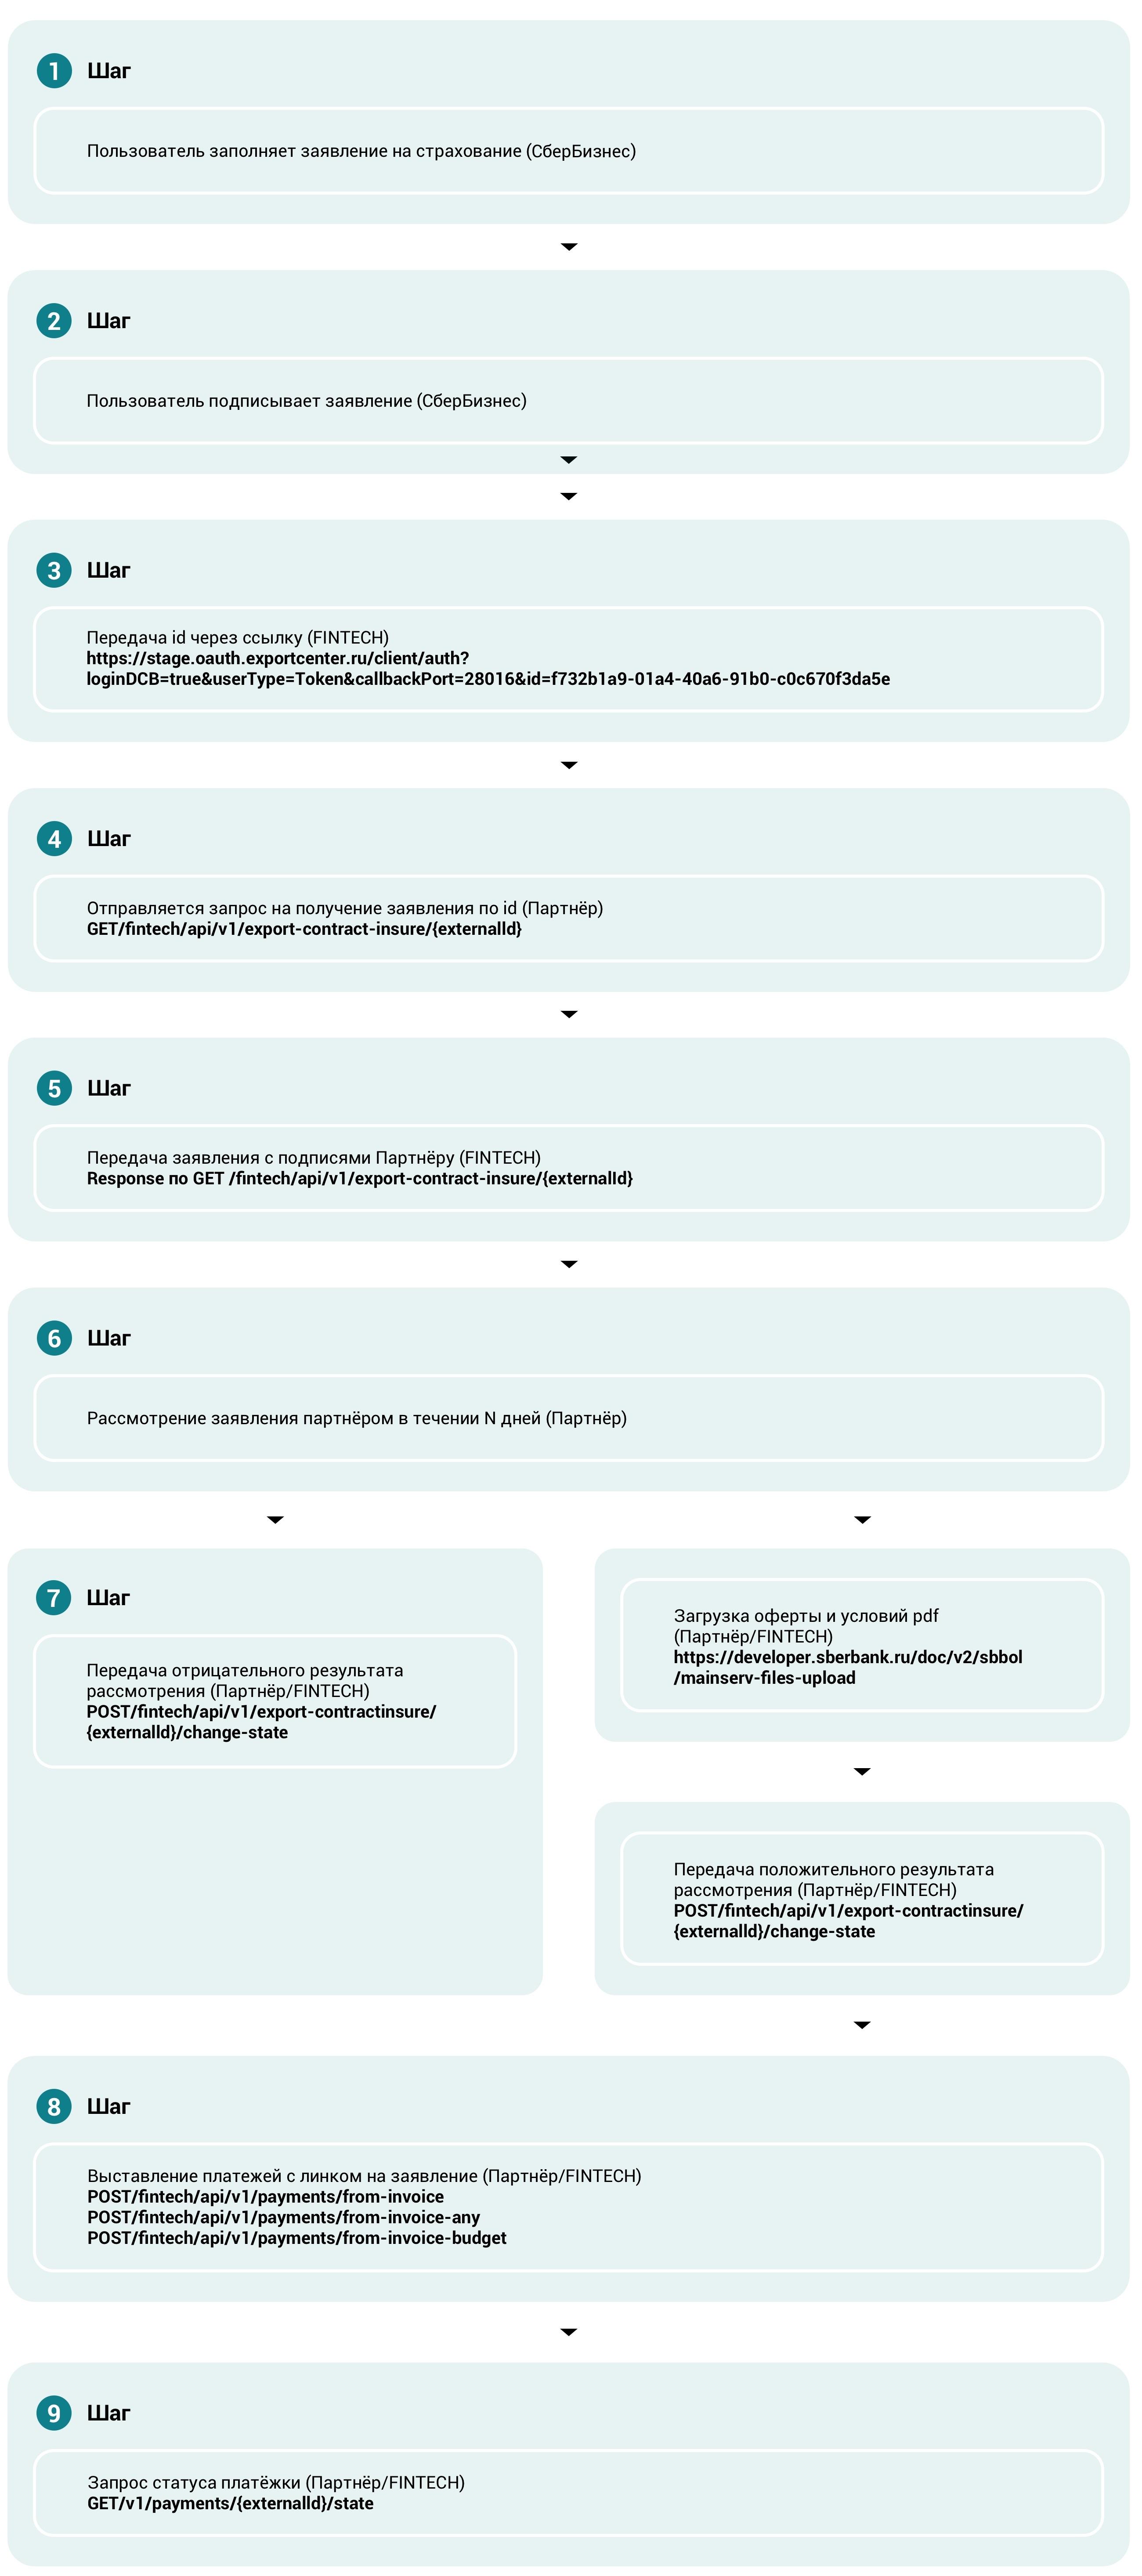 Сценарий заявление на страхование экспортного контракта